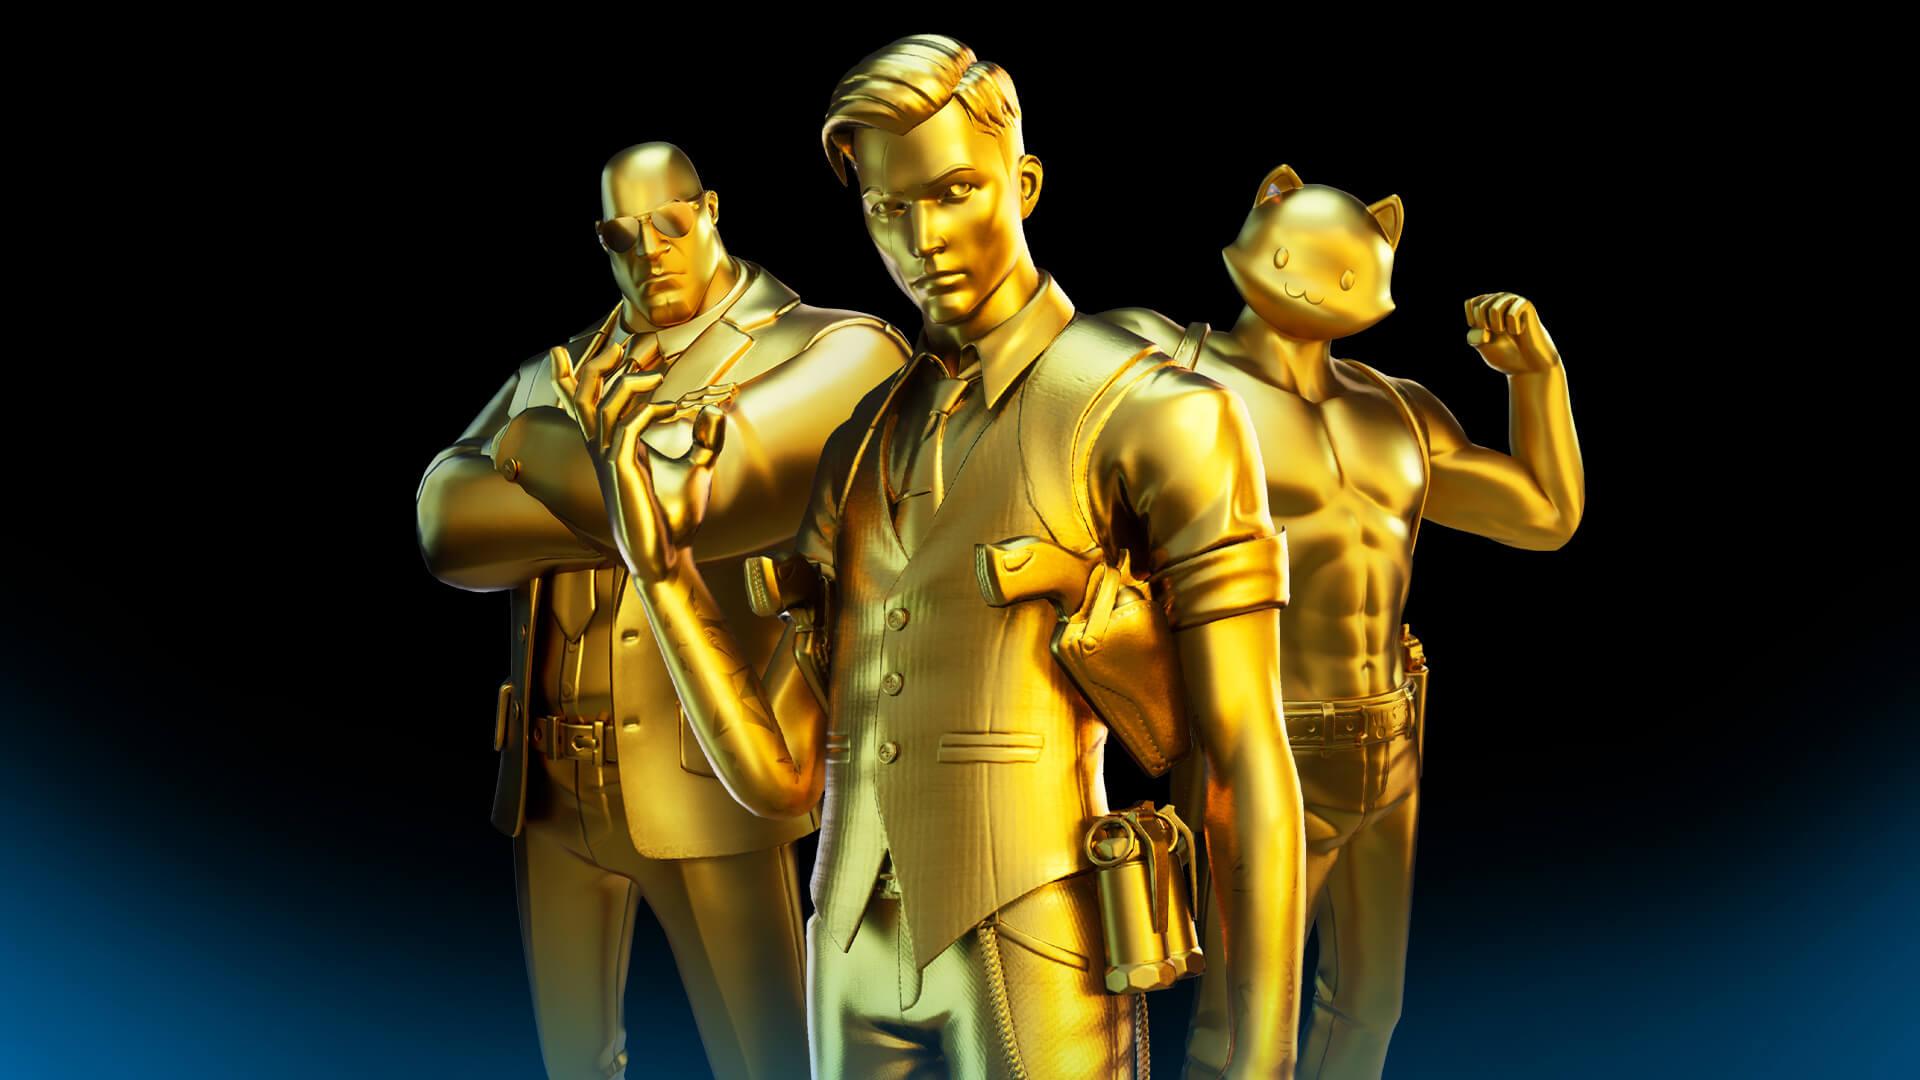 Расположение золотых гаечных ключей Fortnite: где искать золотые трубчатые ключи (миссия Midas, 10 неделя)